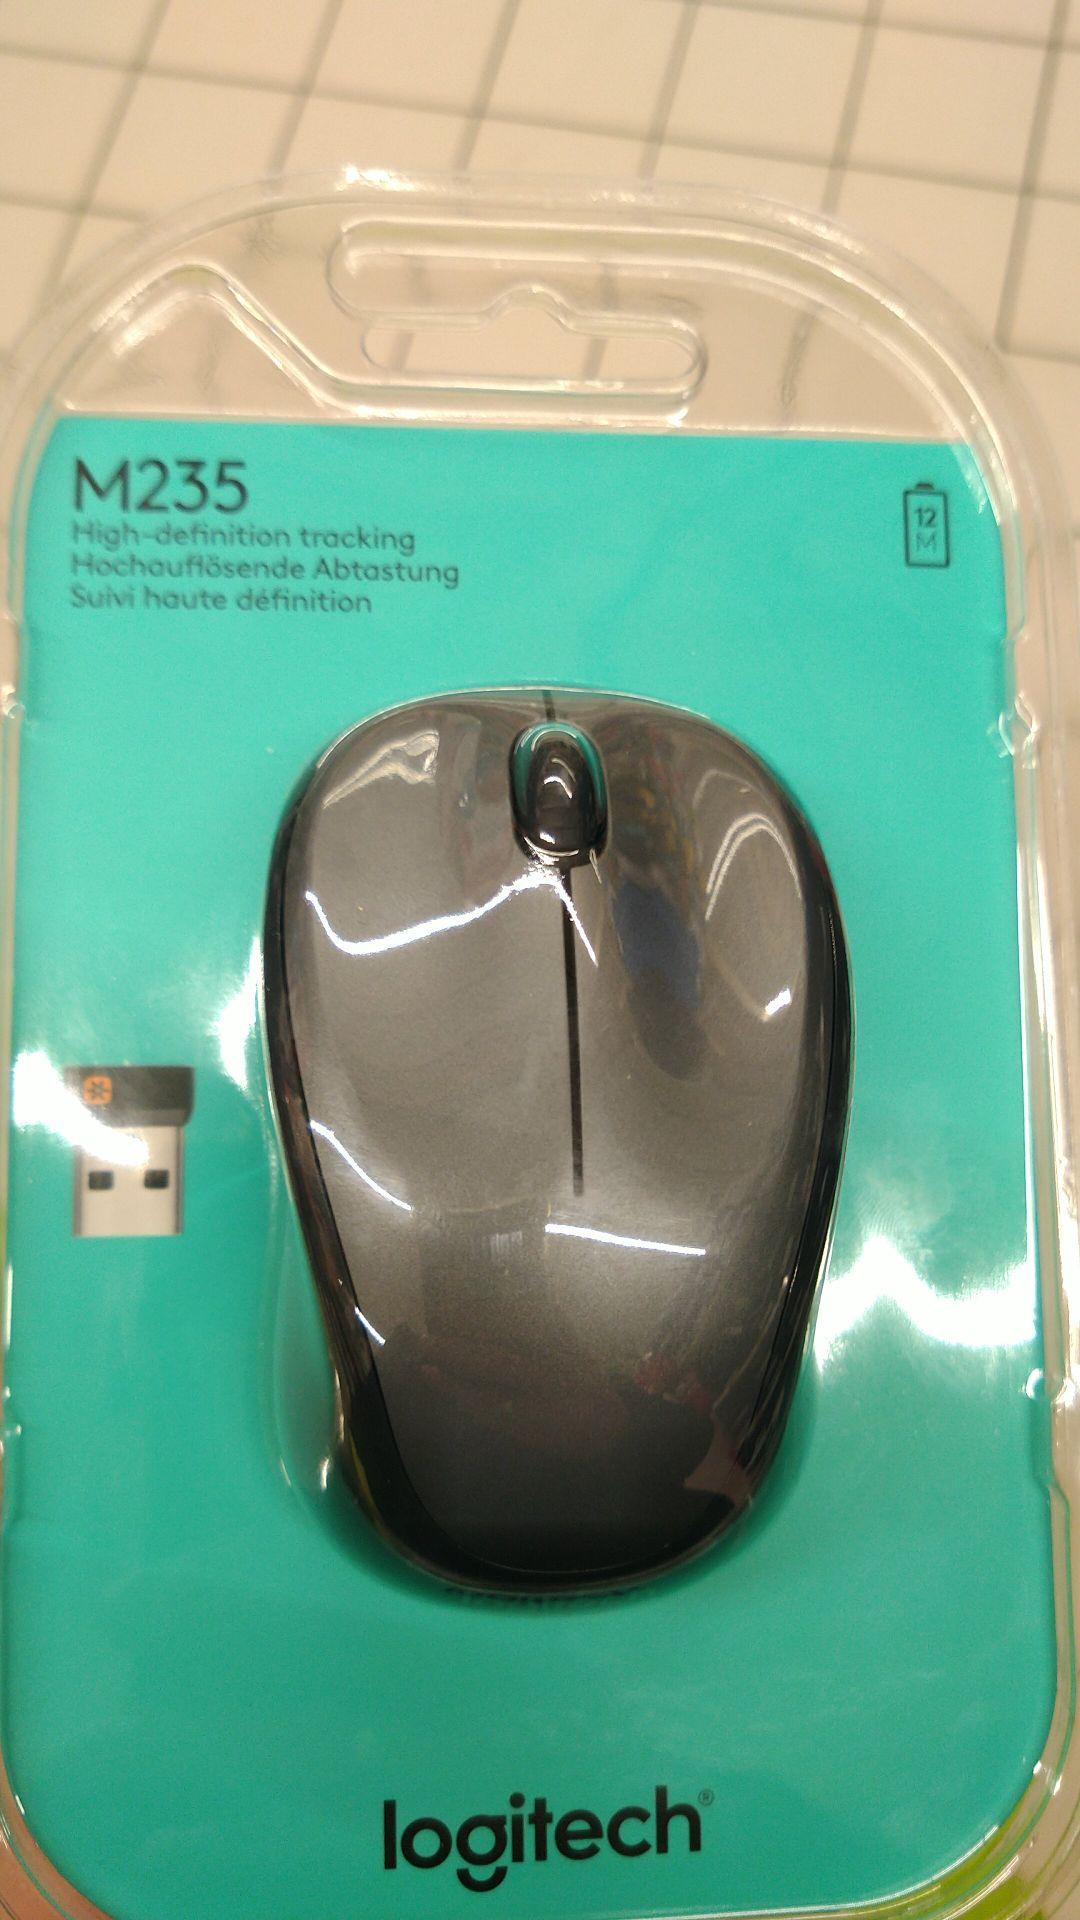 Mysz Logitech M235